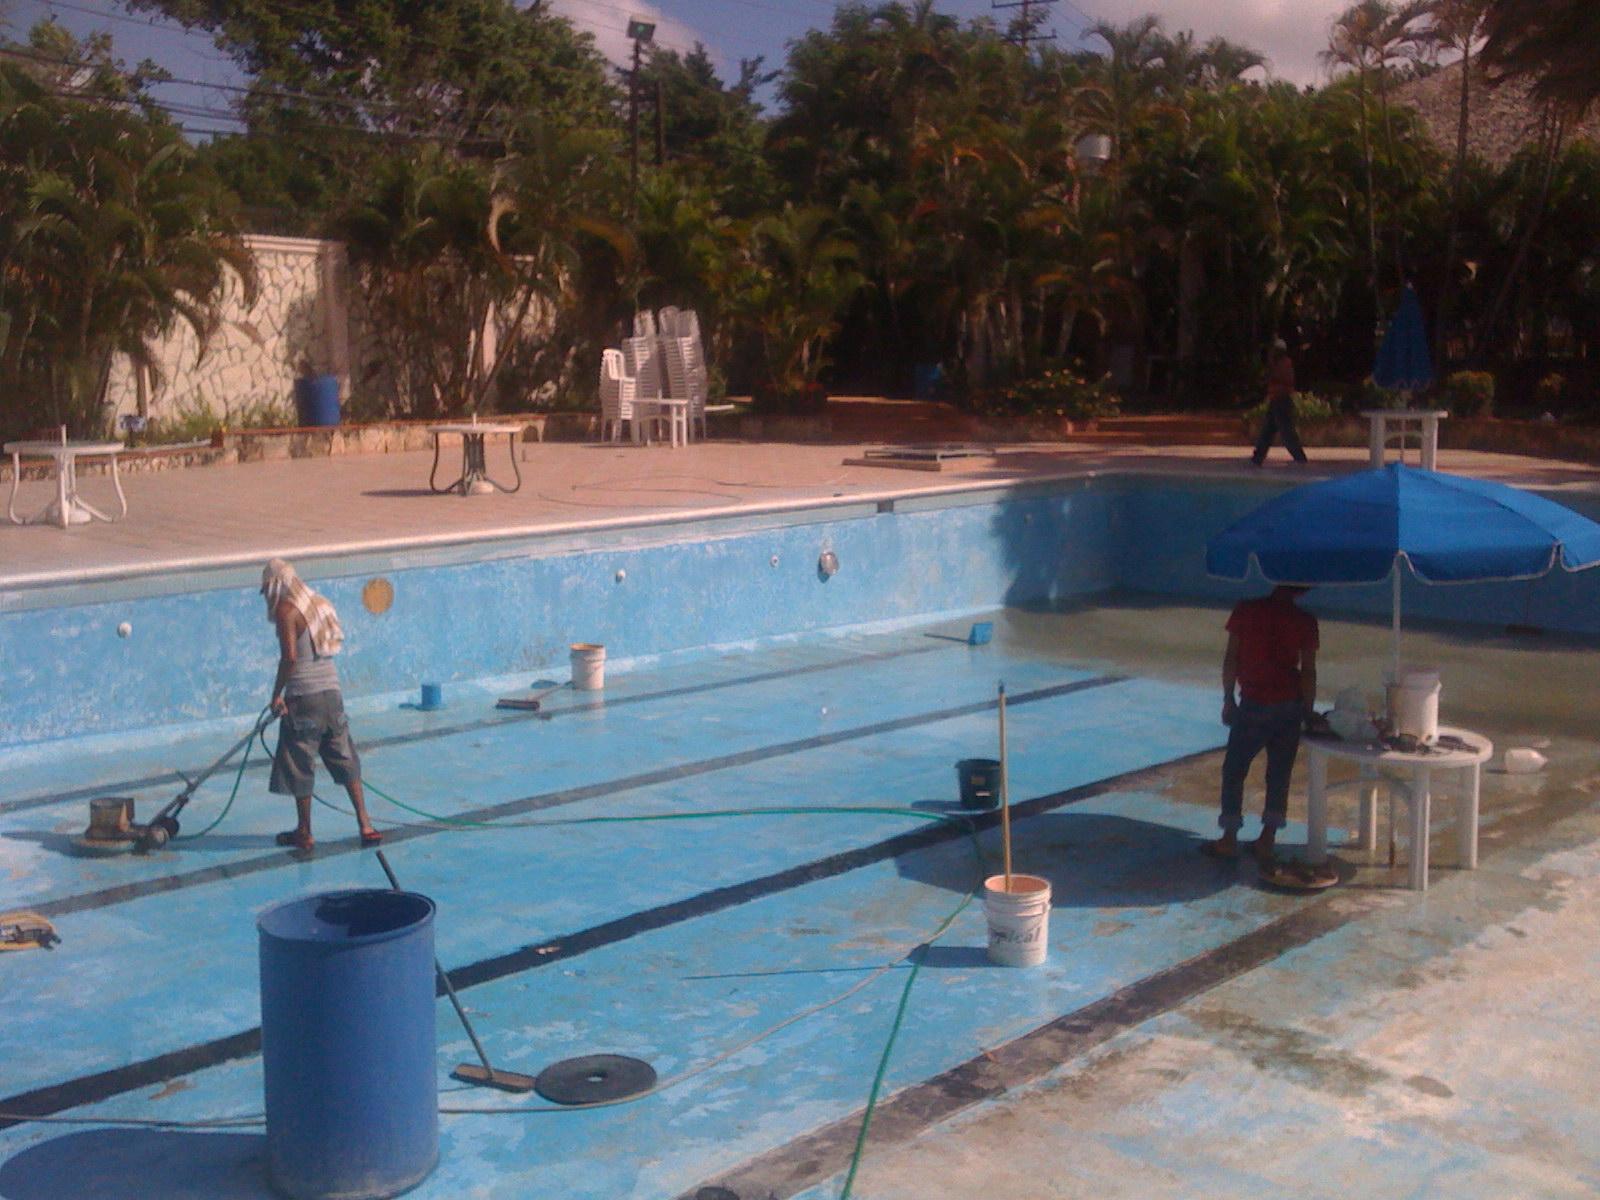 Club de la corporaci n dominicana de empresas el ctricas for Arreglar piscina